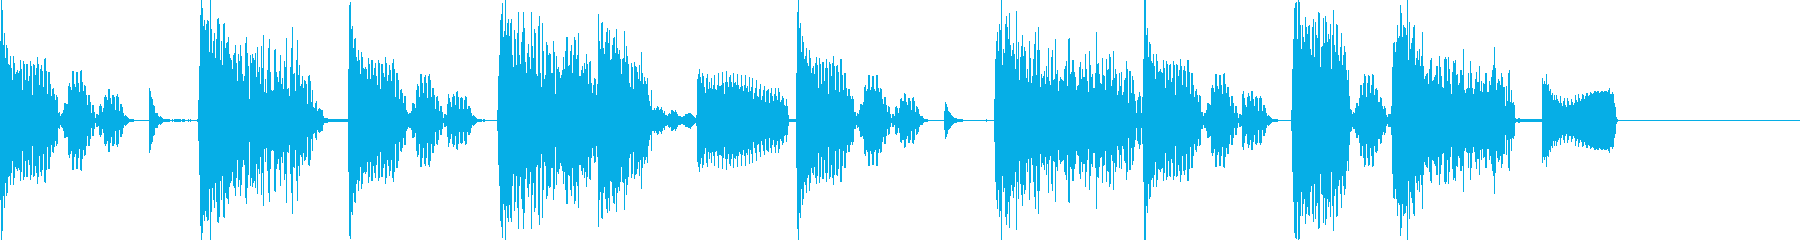 エレピとビートのHipHop風ジングルの再生済みの波形